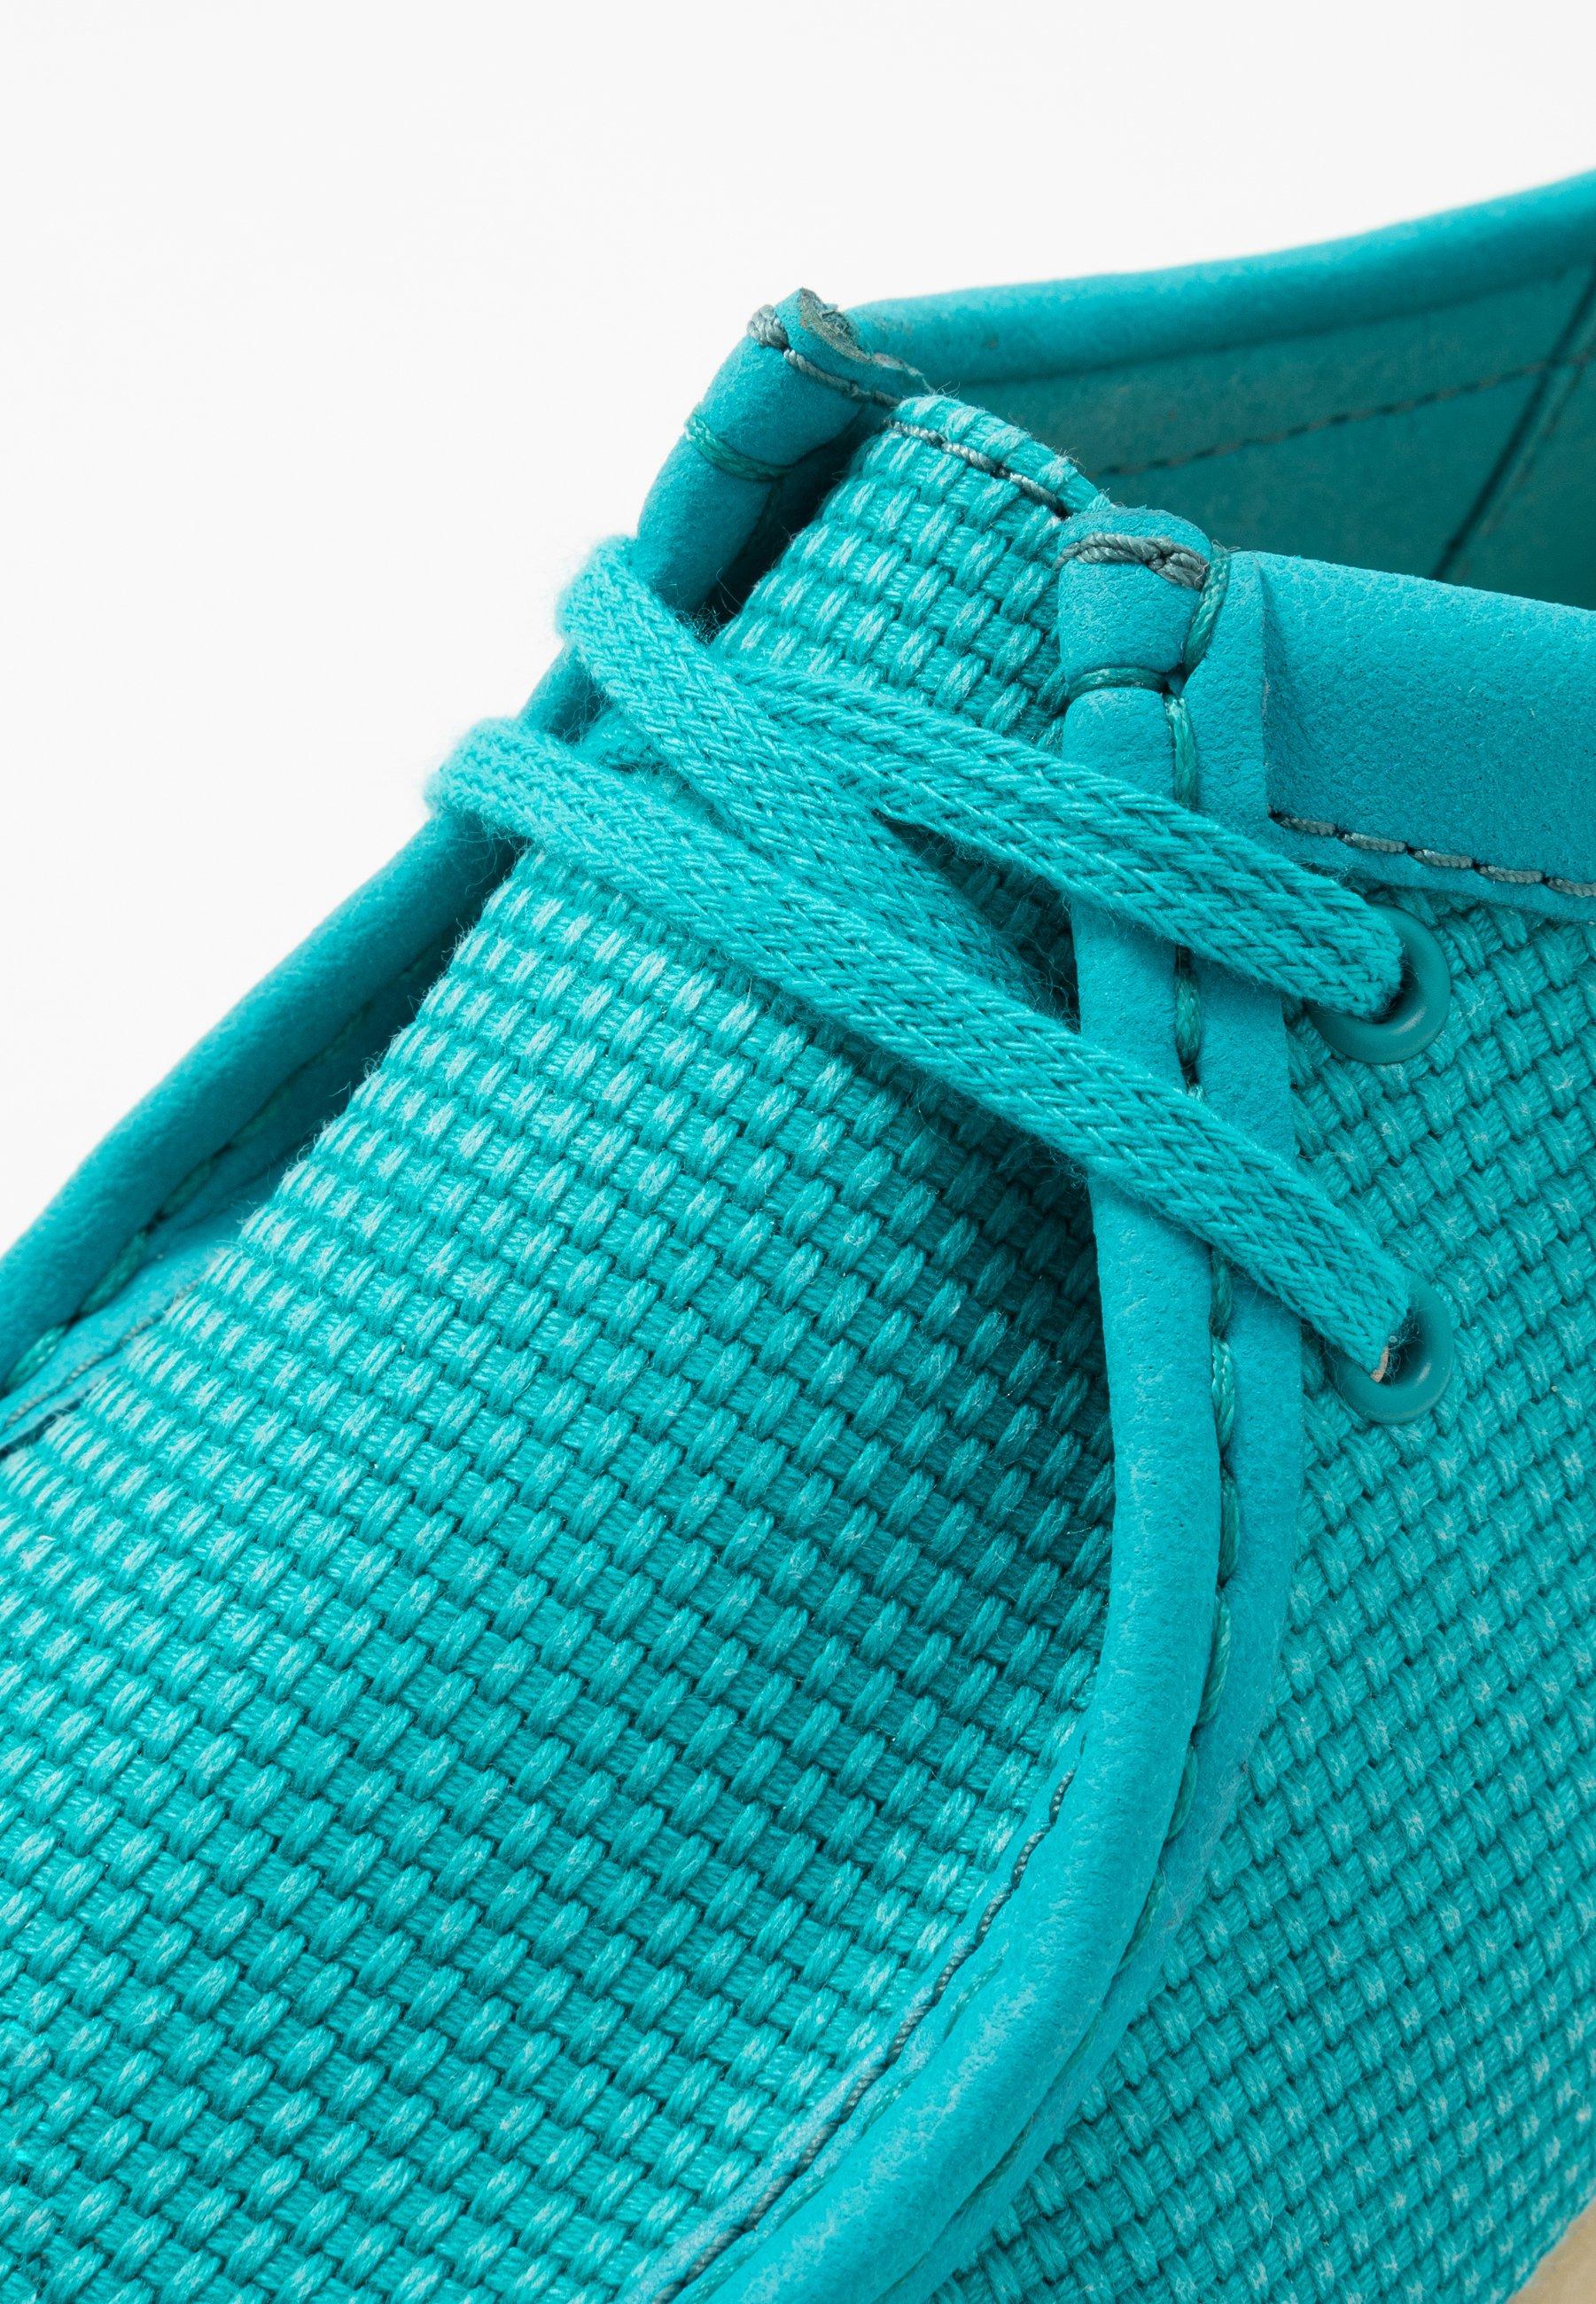 Clarks Originals WALLABEE - Sznurowane obuwie sportowe - teal